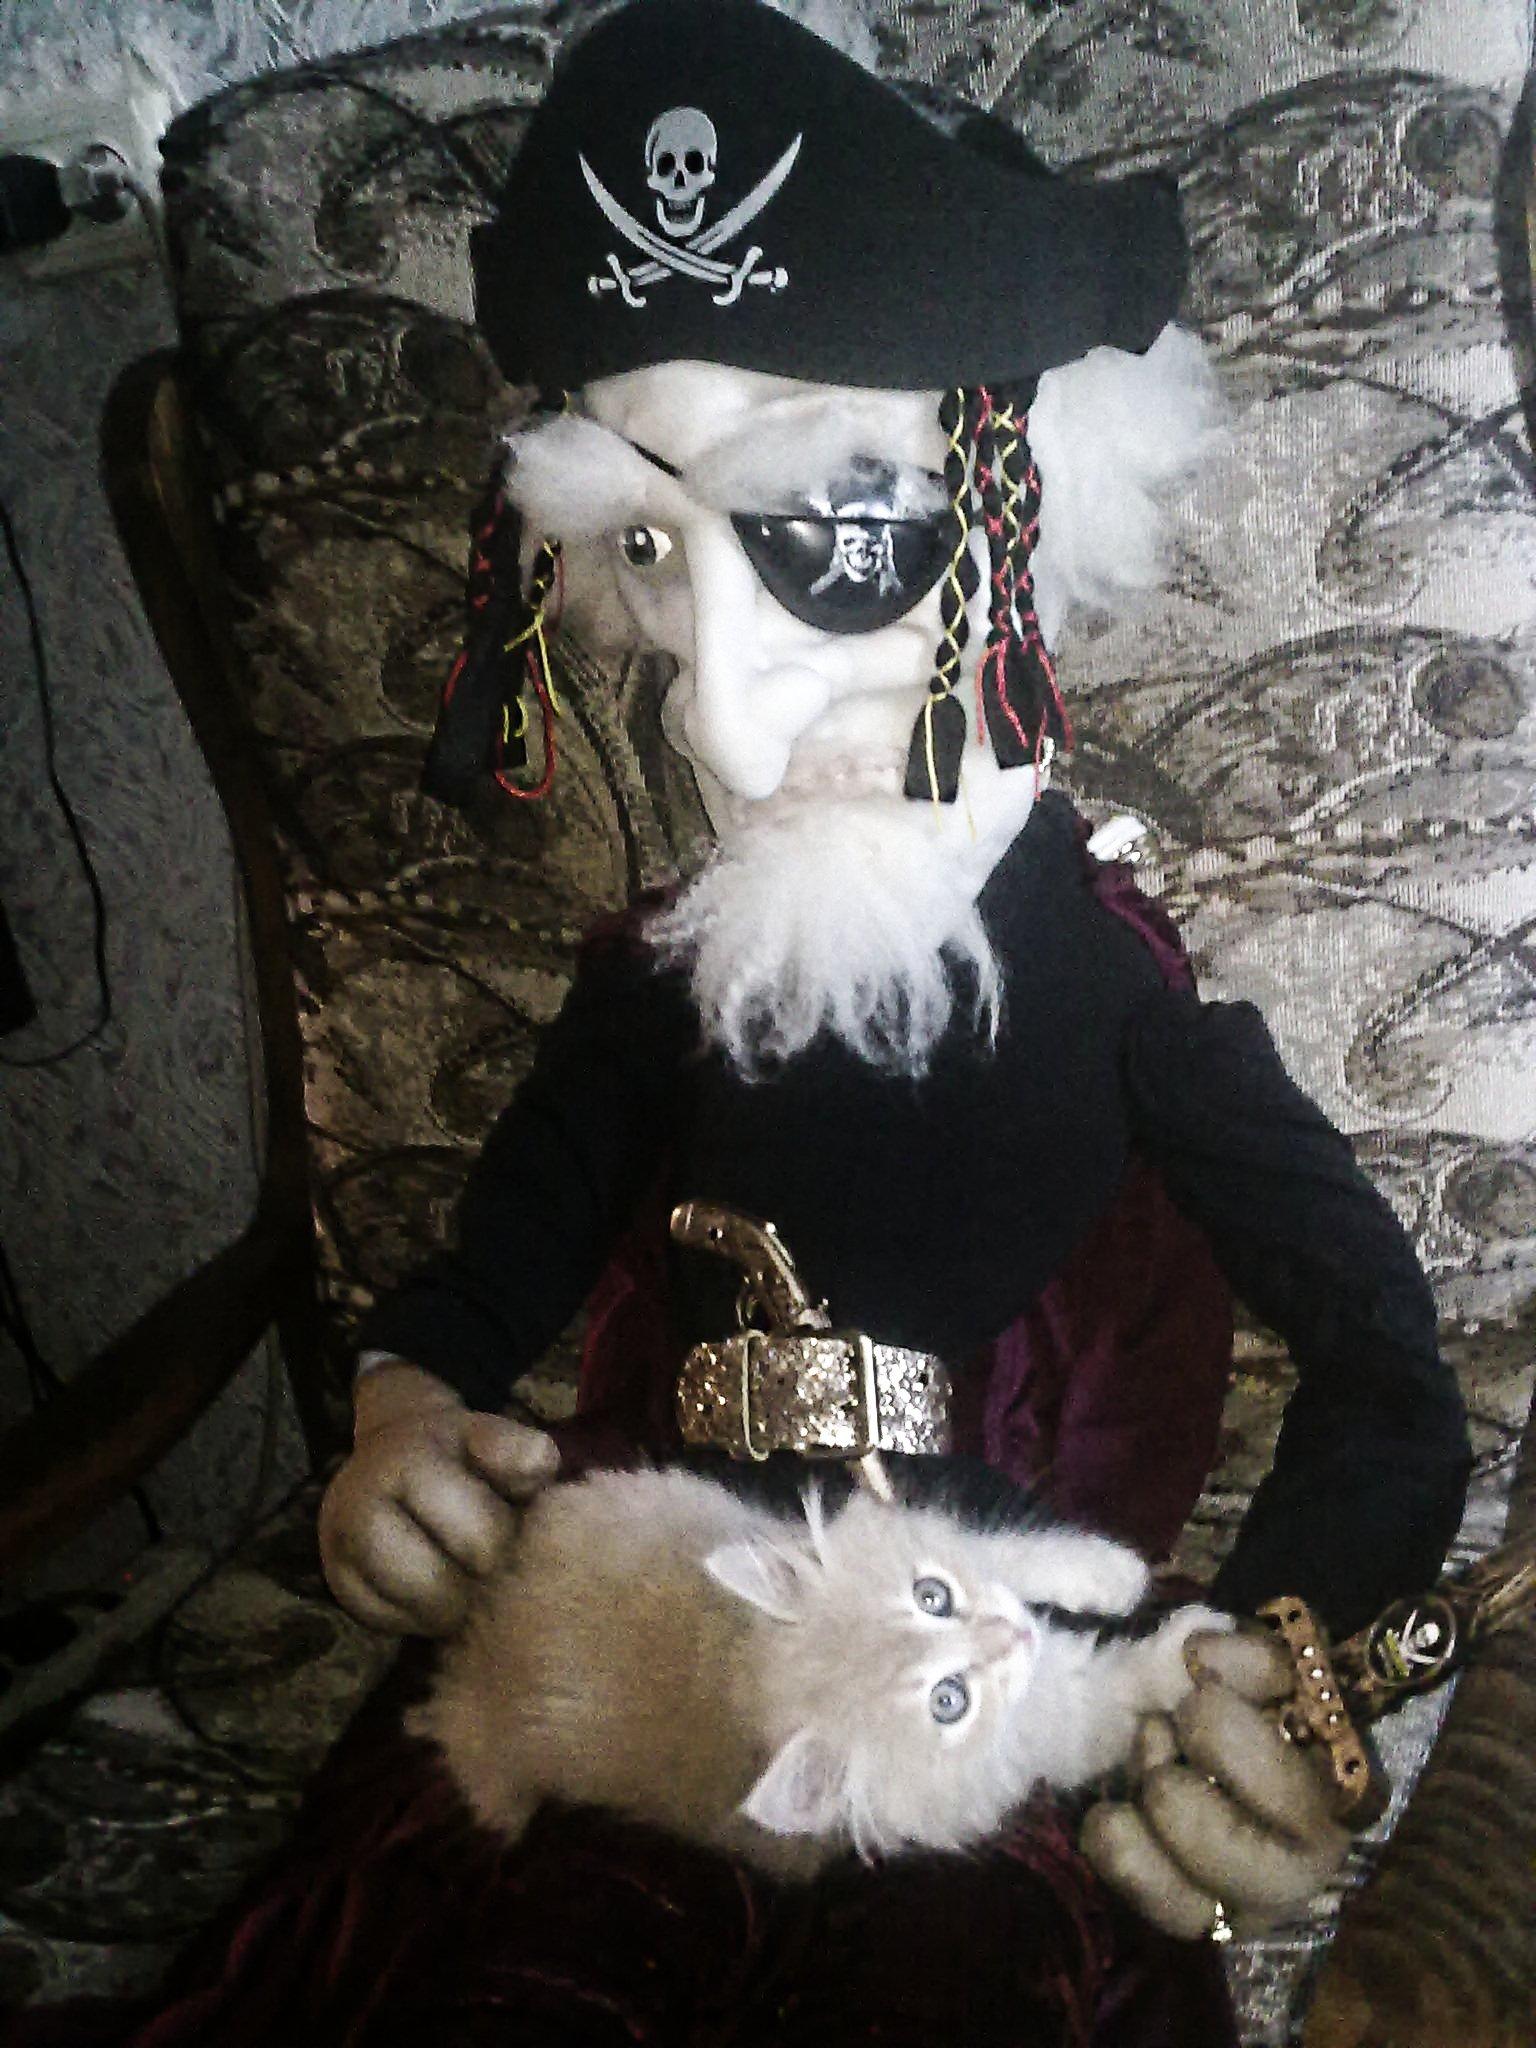 Пират баюкает Пушка. Самодельные игрушки